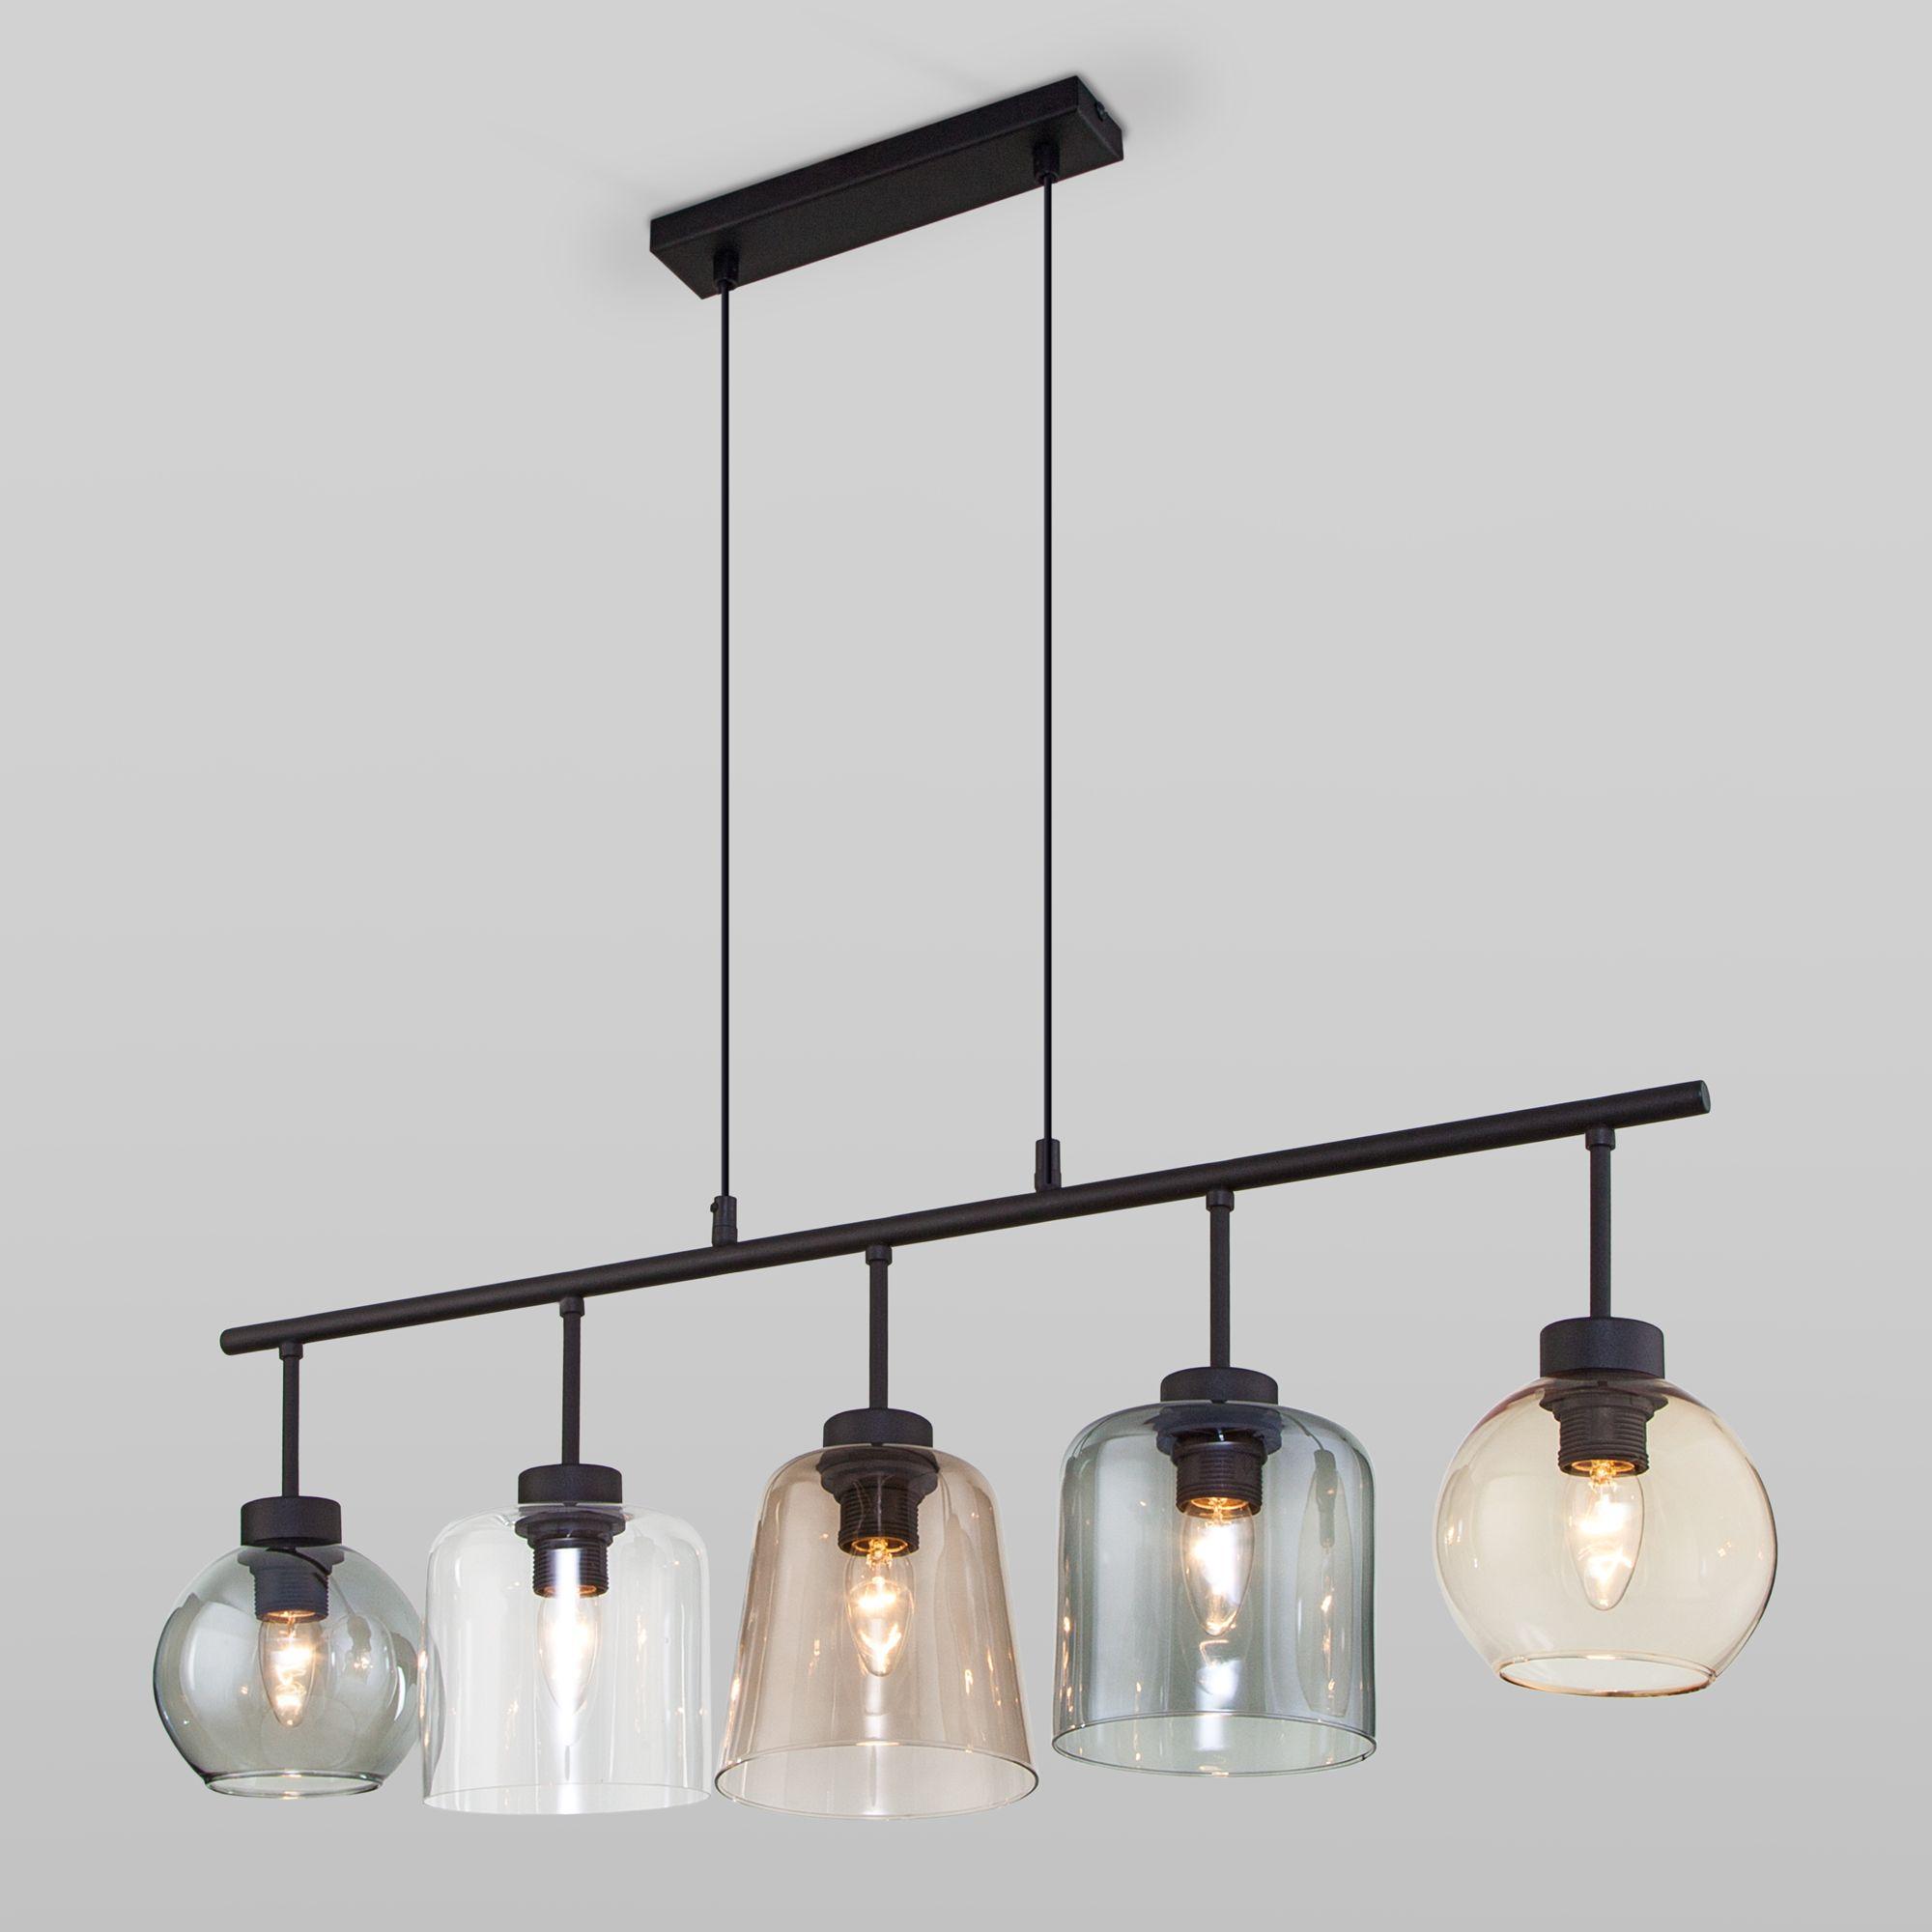 Подвесной светильник со стеклянными плафонами 3273 Cubus